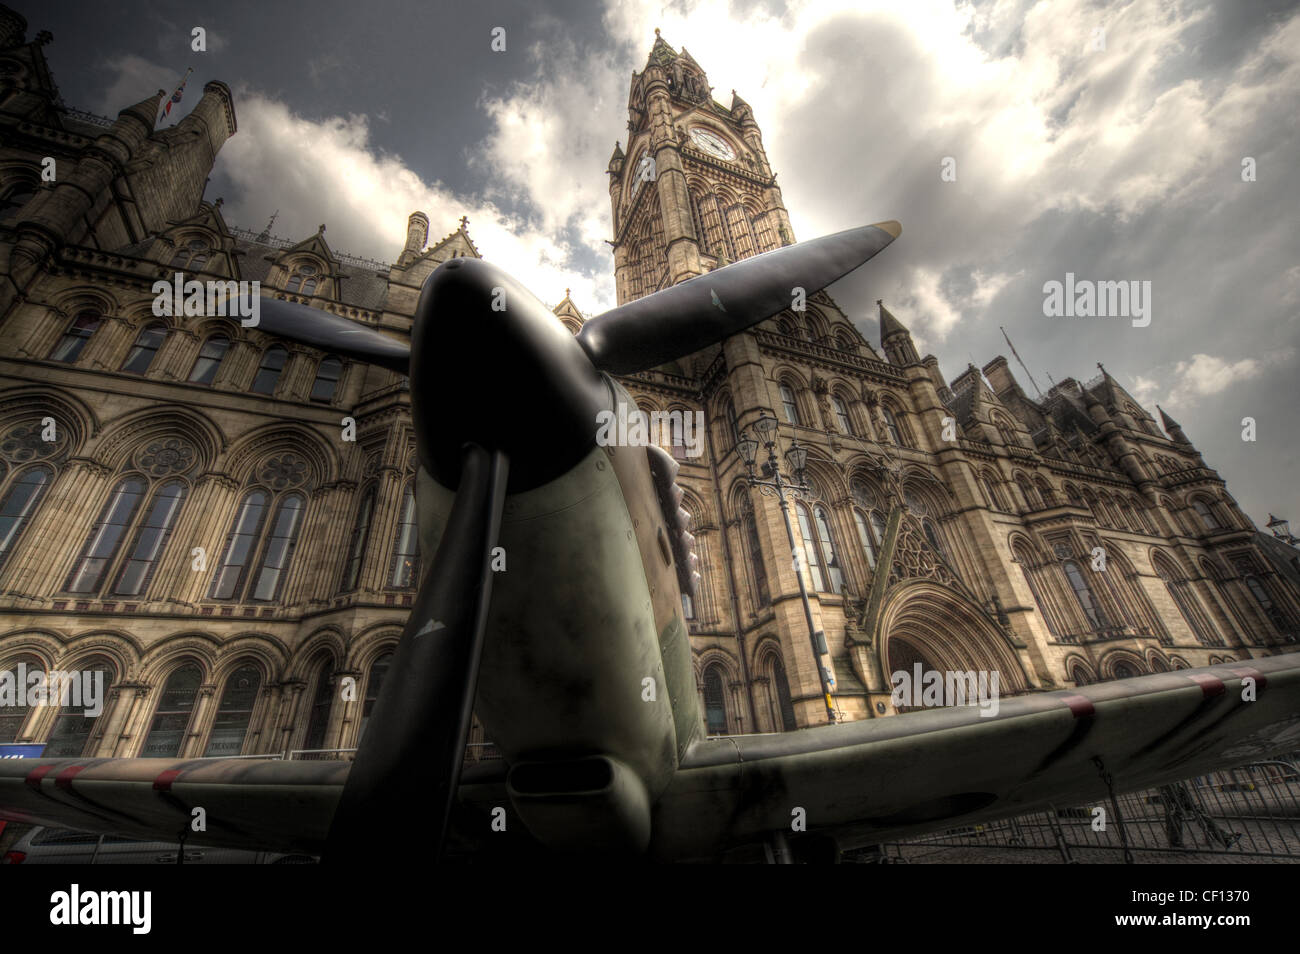 Laden Sie dieses Alamy Stockfoto Spitfire-Flugzeuge vor Manchester Rathaus, Albert Square, Lancashire England UK - CF1370